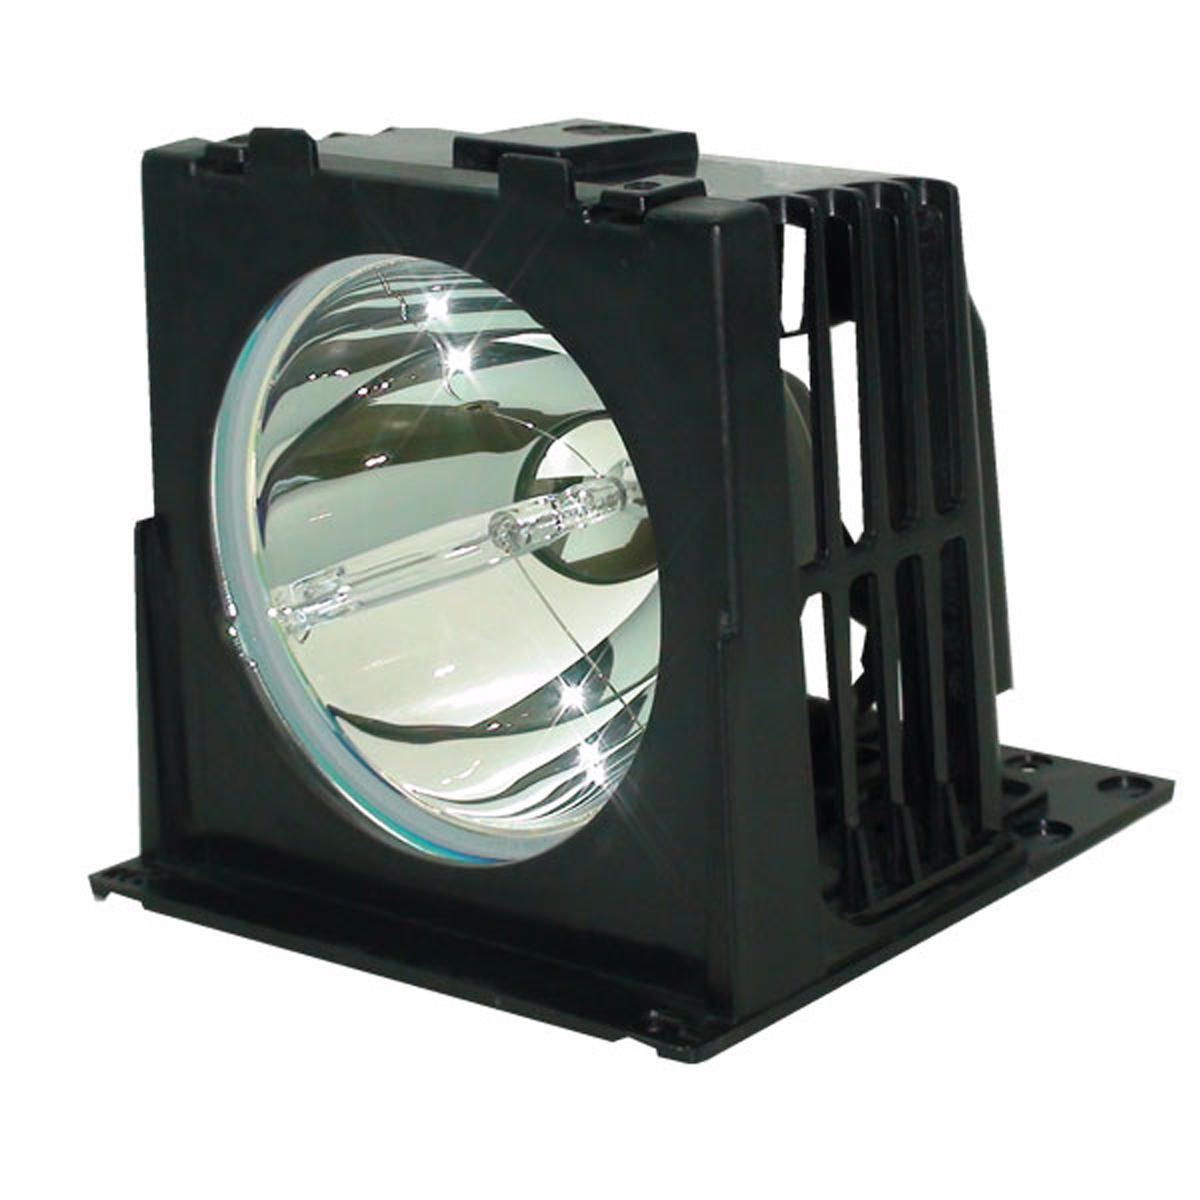 Mitsubishi 915P026010 TV Lamp